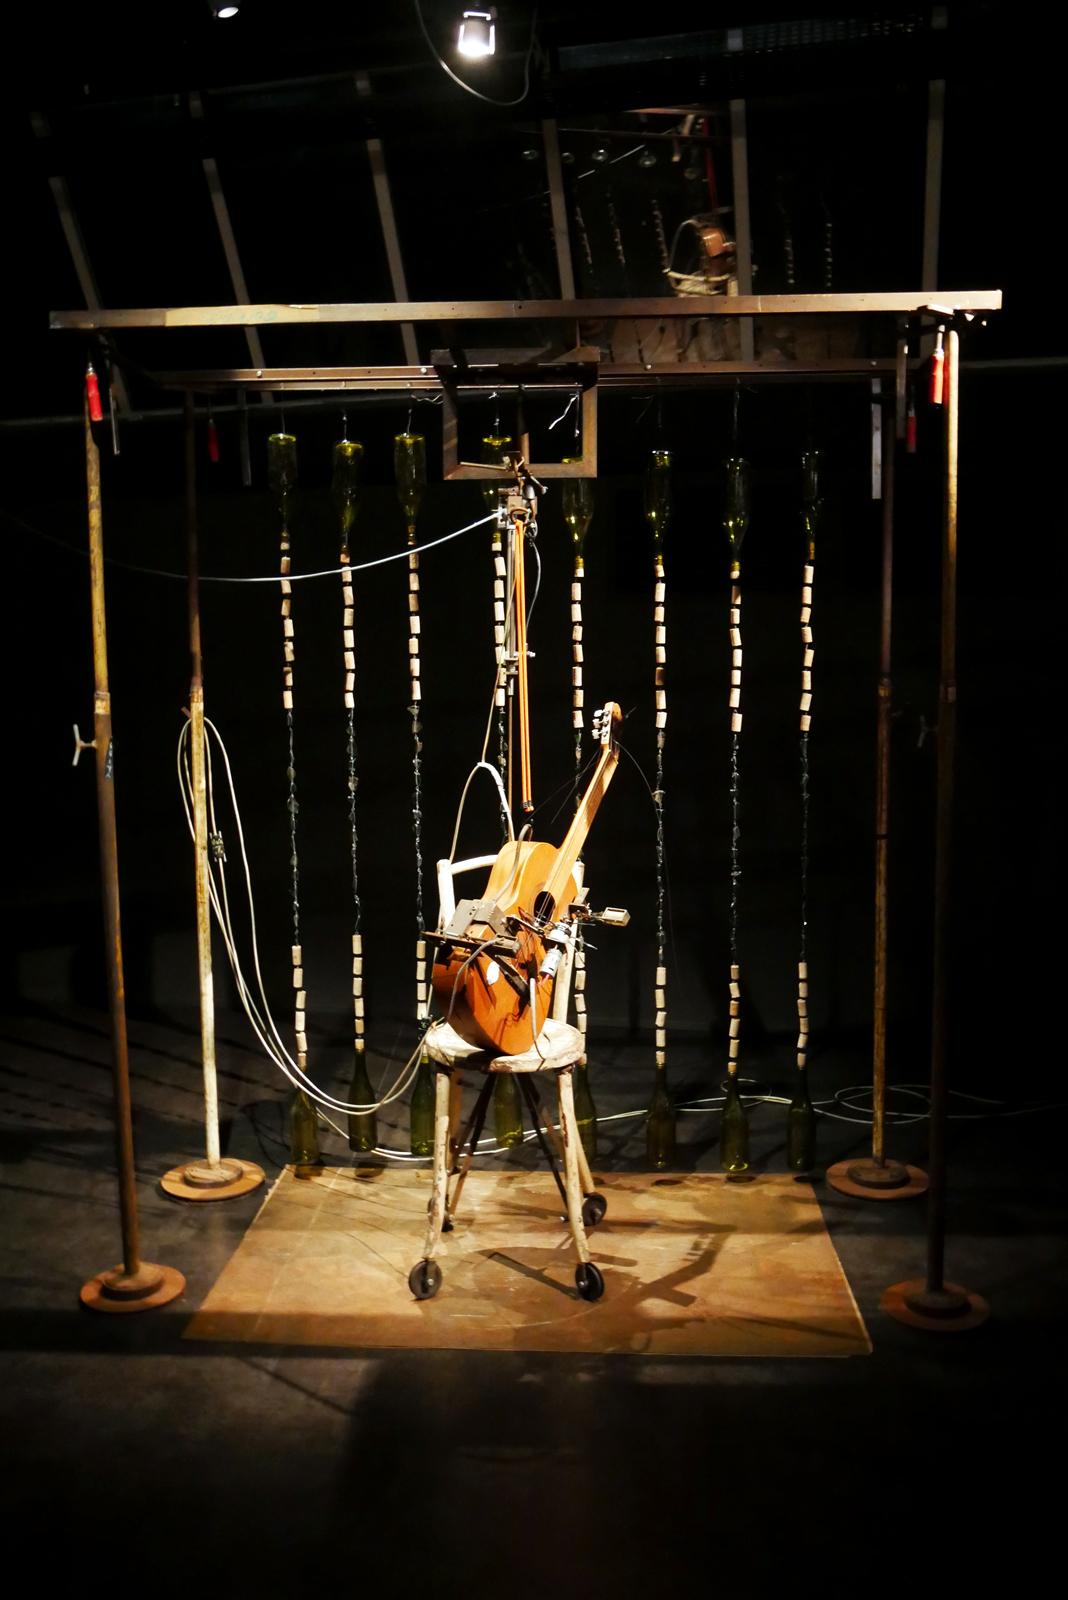 gilbert-peyre-chaise-et-guitare-2009-electropneumatique-halle-saint-pierre-paris-exposition